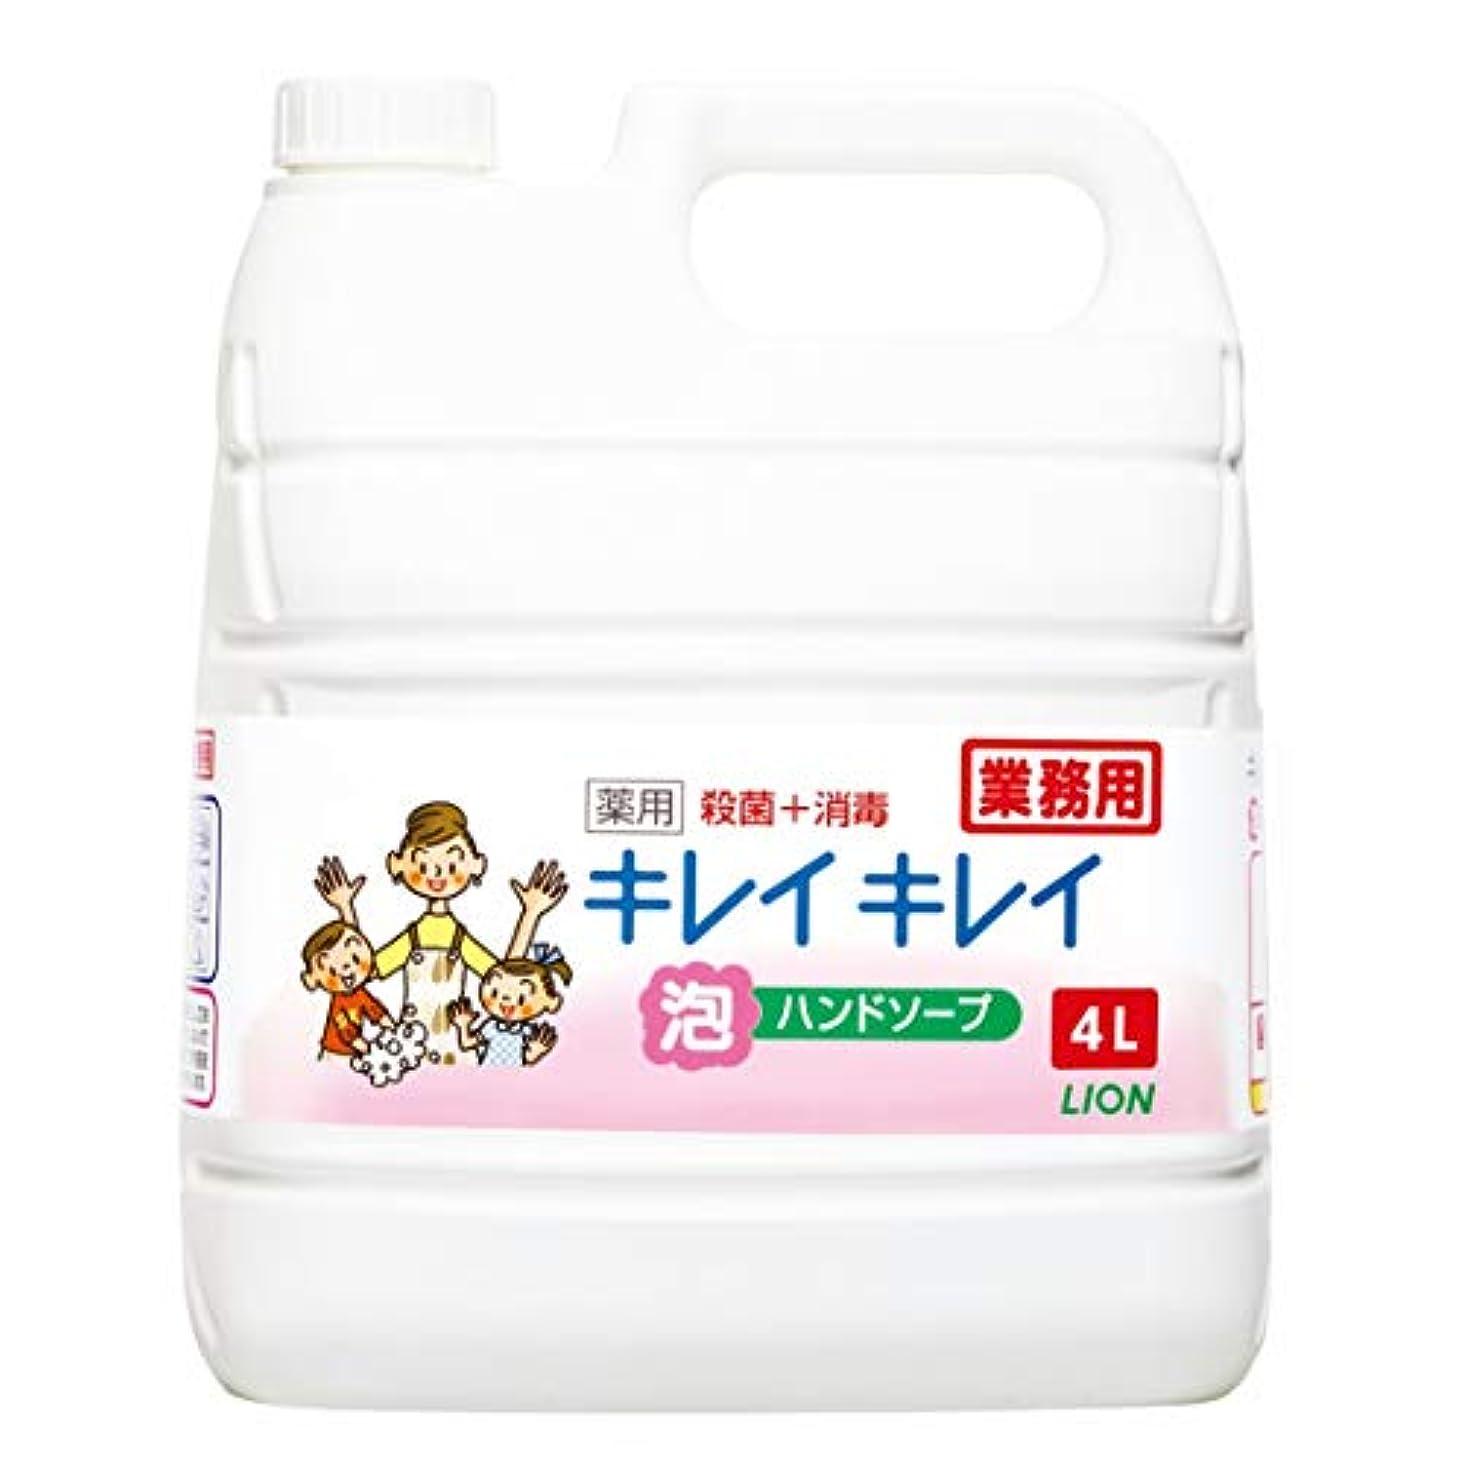 不満反抗すべて【業務用 大容量】キレイキレイ 薬用 泡ハンドソープ シトラスフルーティの香り 液体 単品 4L(医薬部外品)